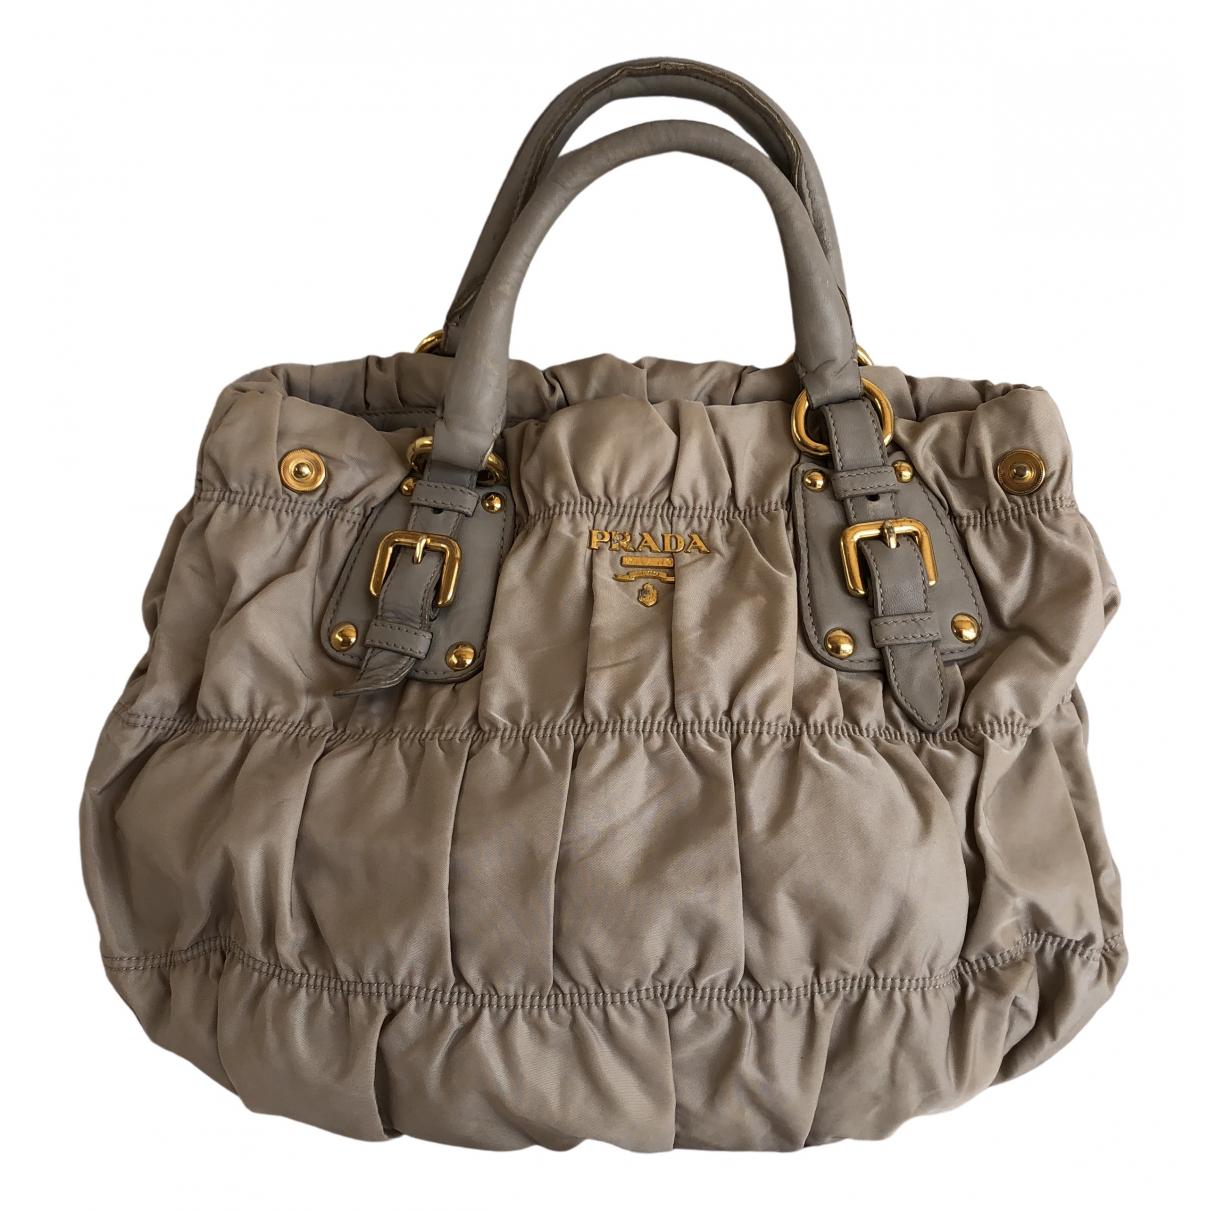 Prada \N Beige handbag for Women \N